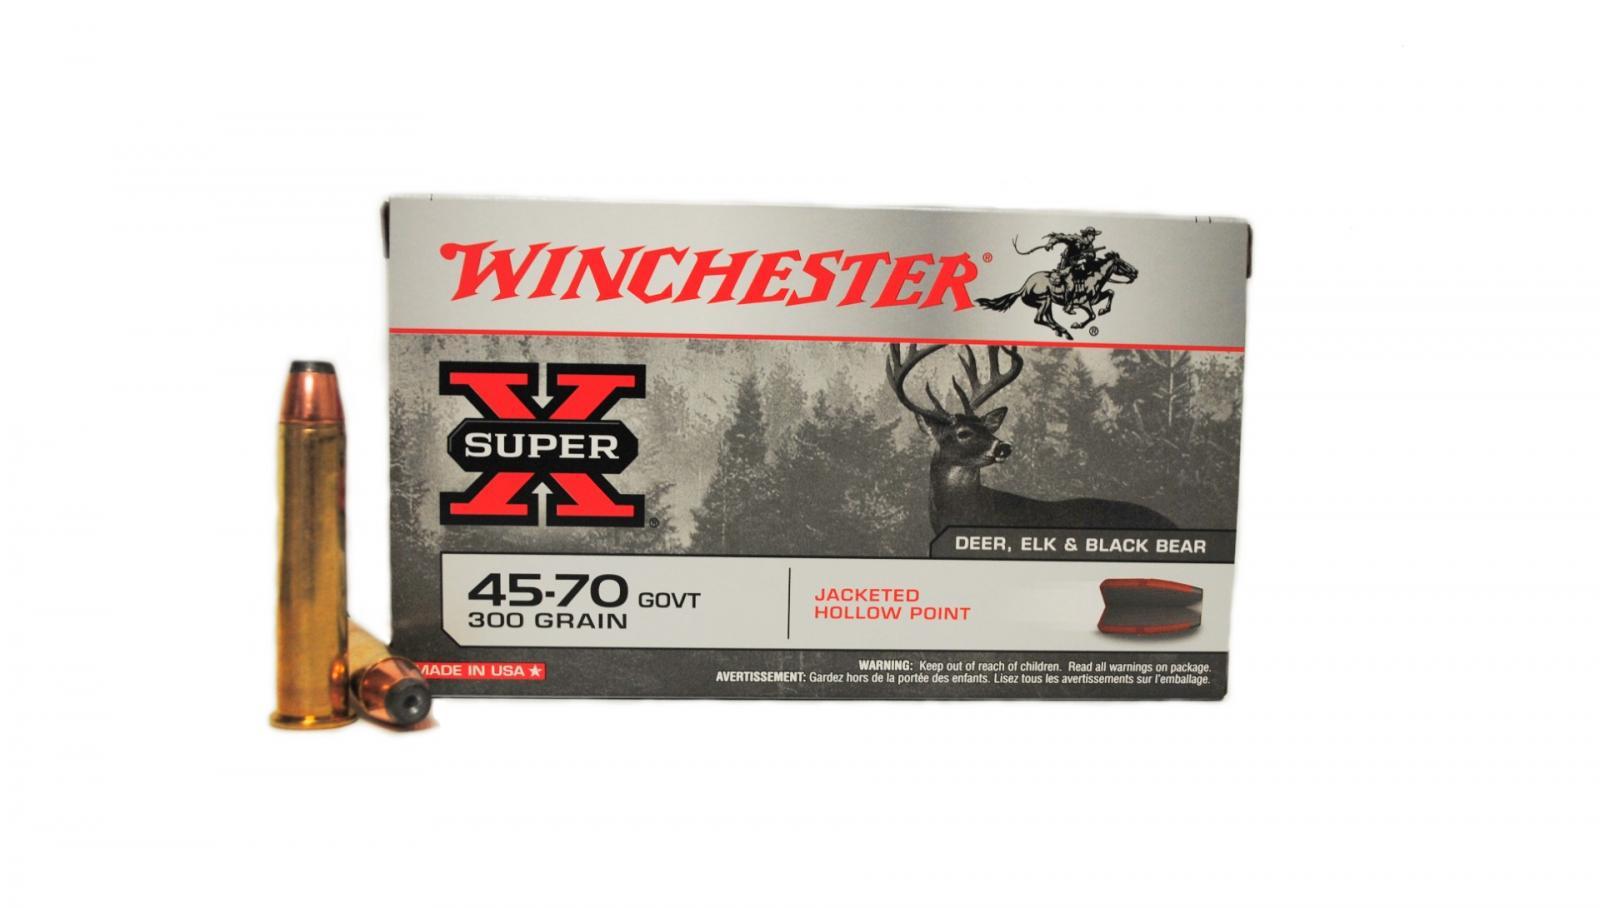 Boite de 20 cartouches WINCHESTER calibre 45/70 GVT